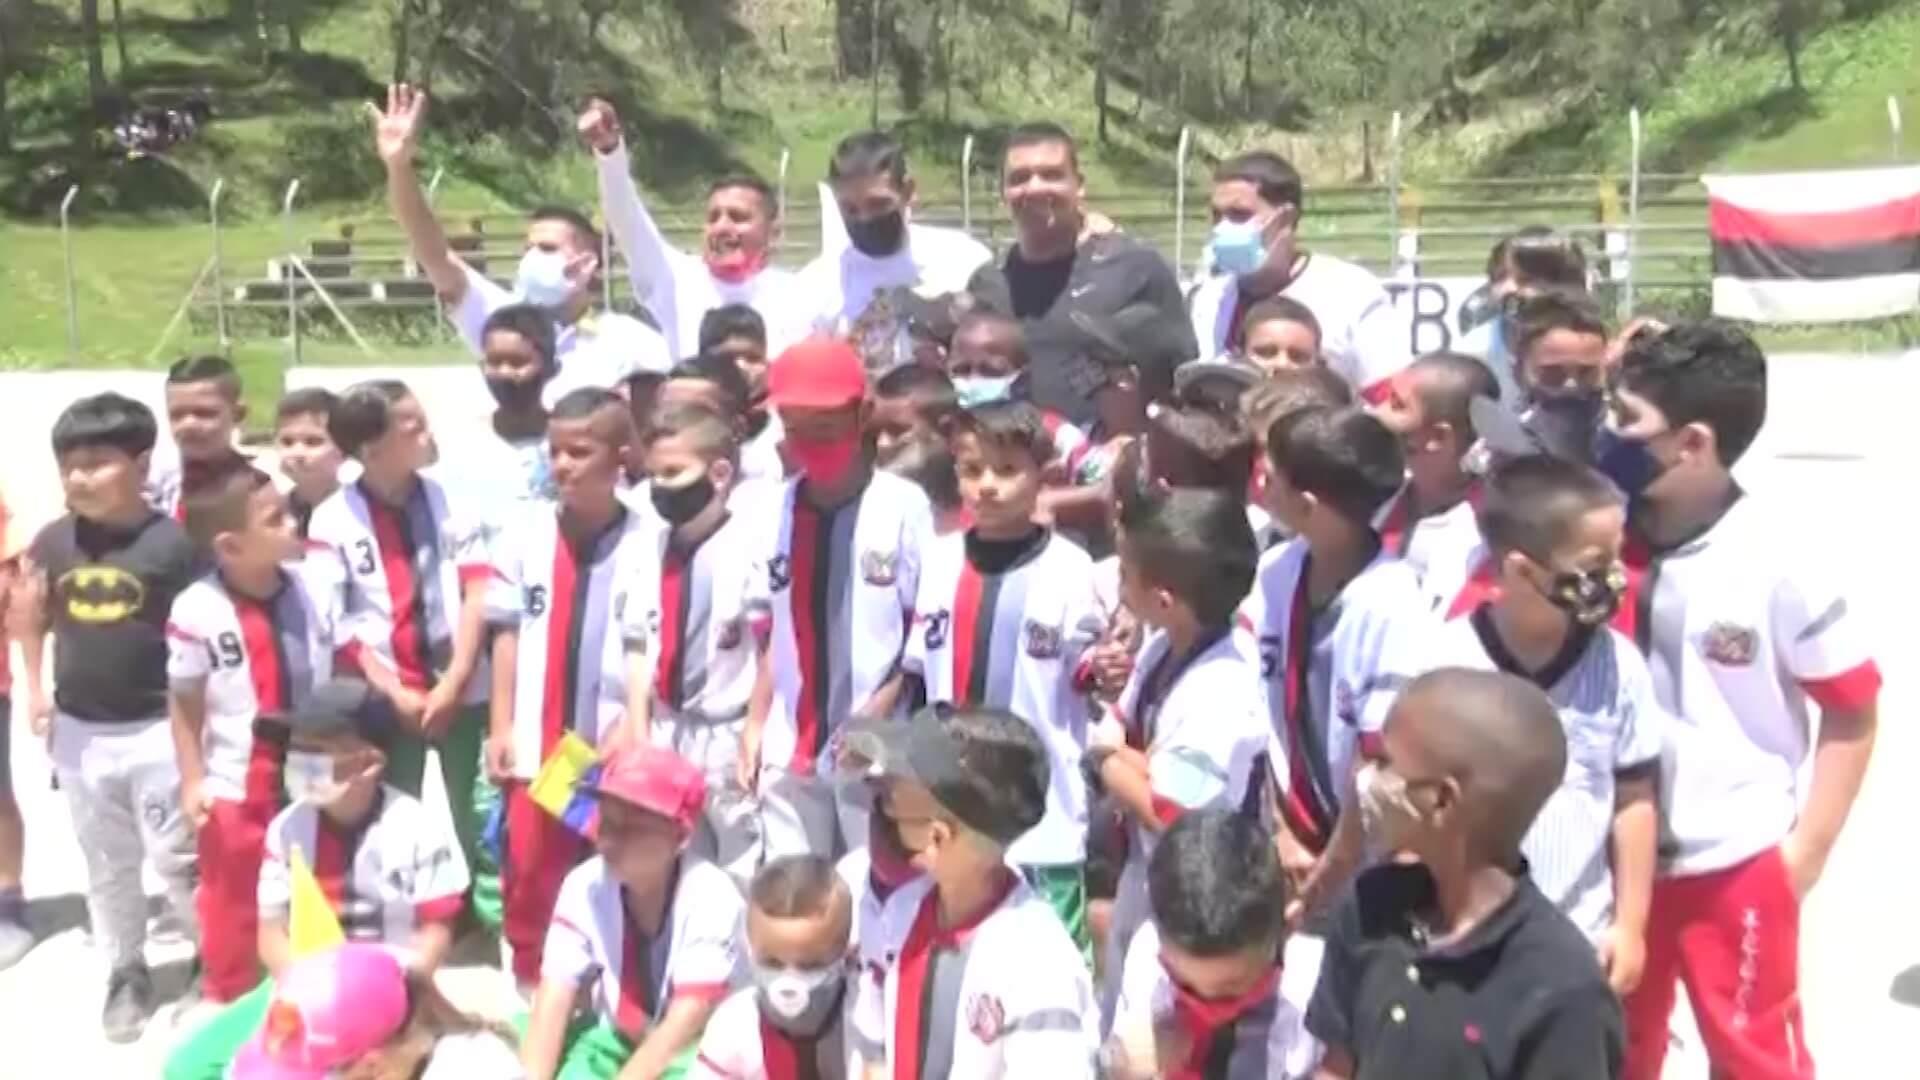 Daniel Muñoz hizo donación a escuela de fútbol